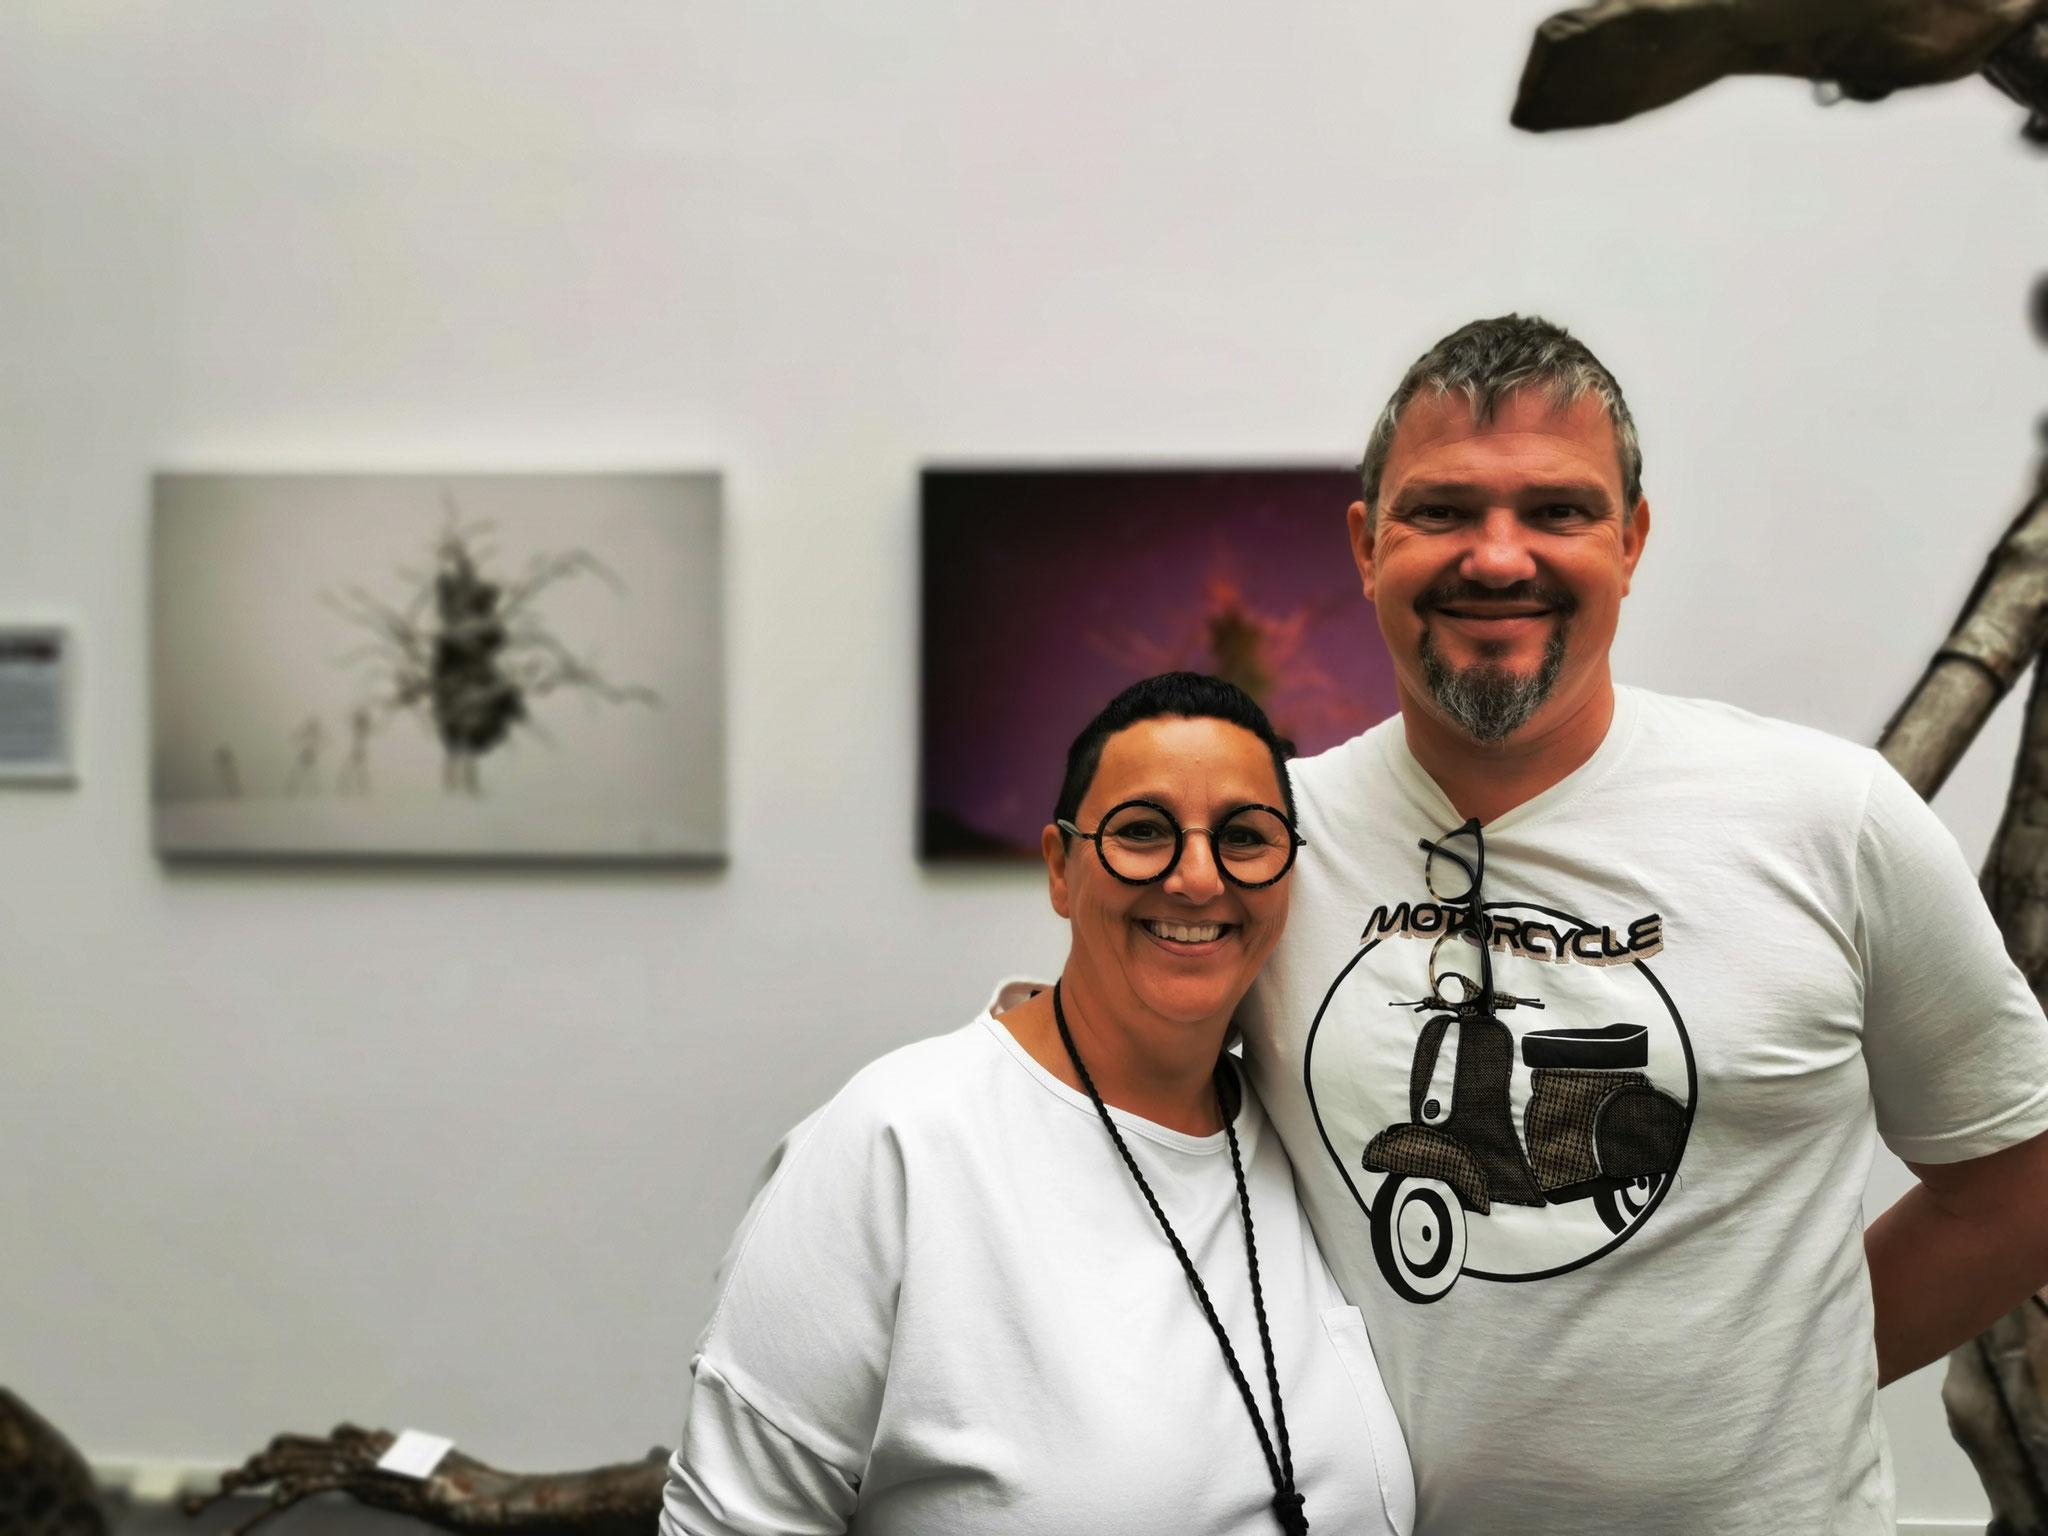 DANKE an Andrea und Gerhard für euren Besuch und das Angebot die Galerie mit einem ARTspace für die junge Kunst zu erweitern!